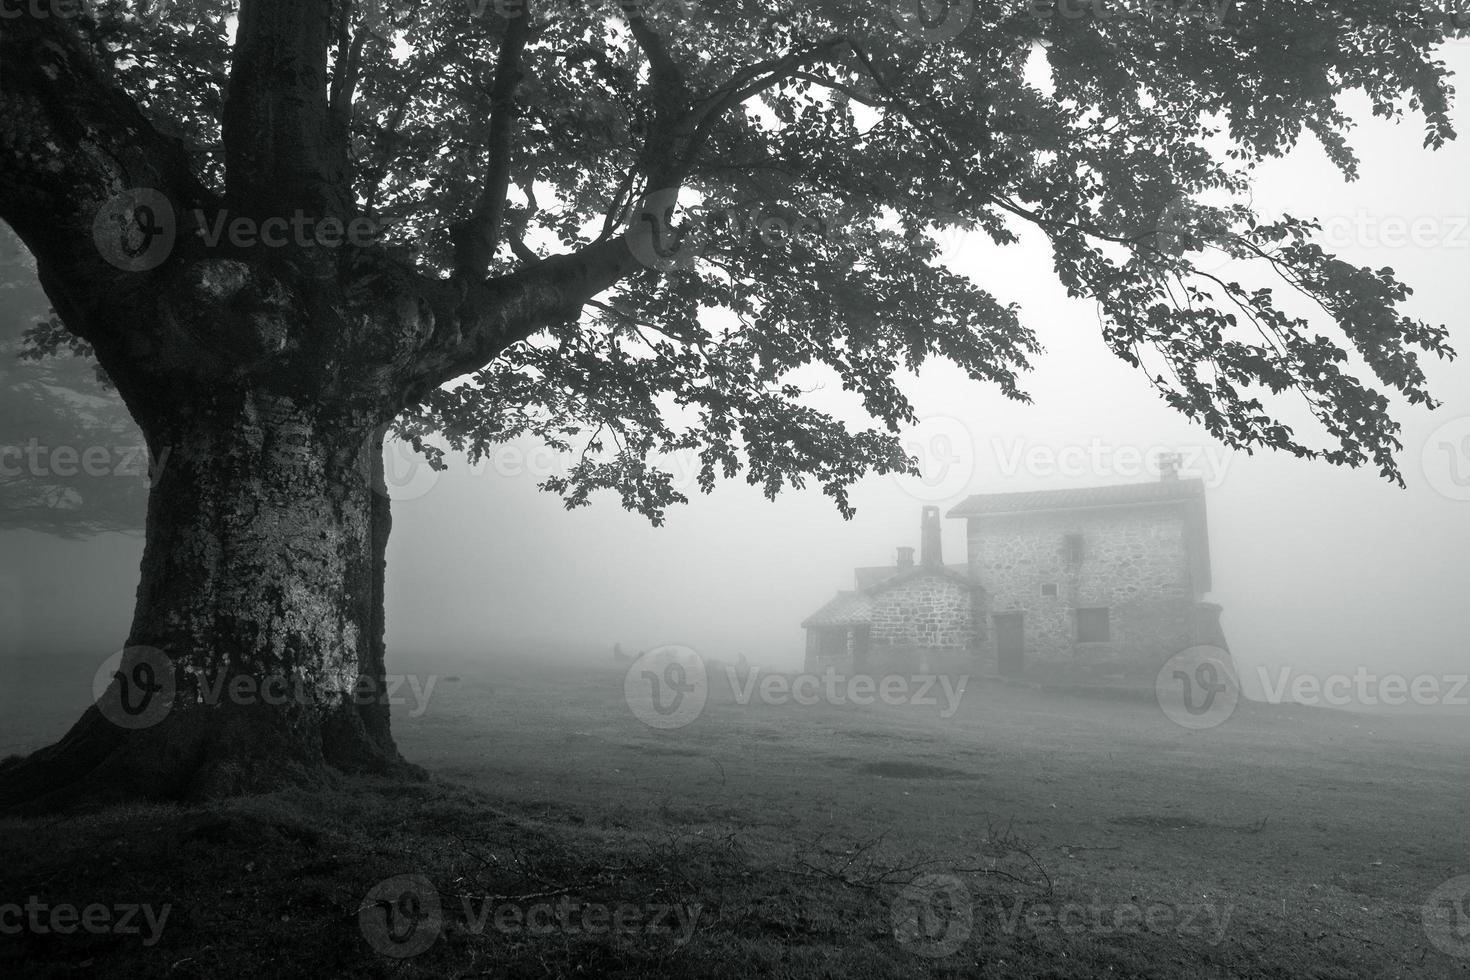 casa misteriosa nella foresta nebbiosa foto